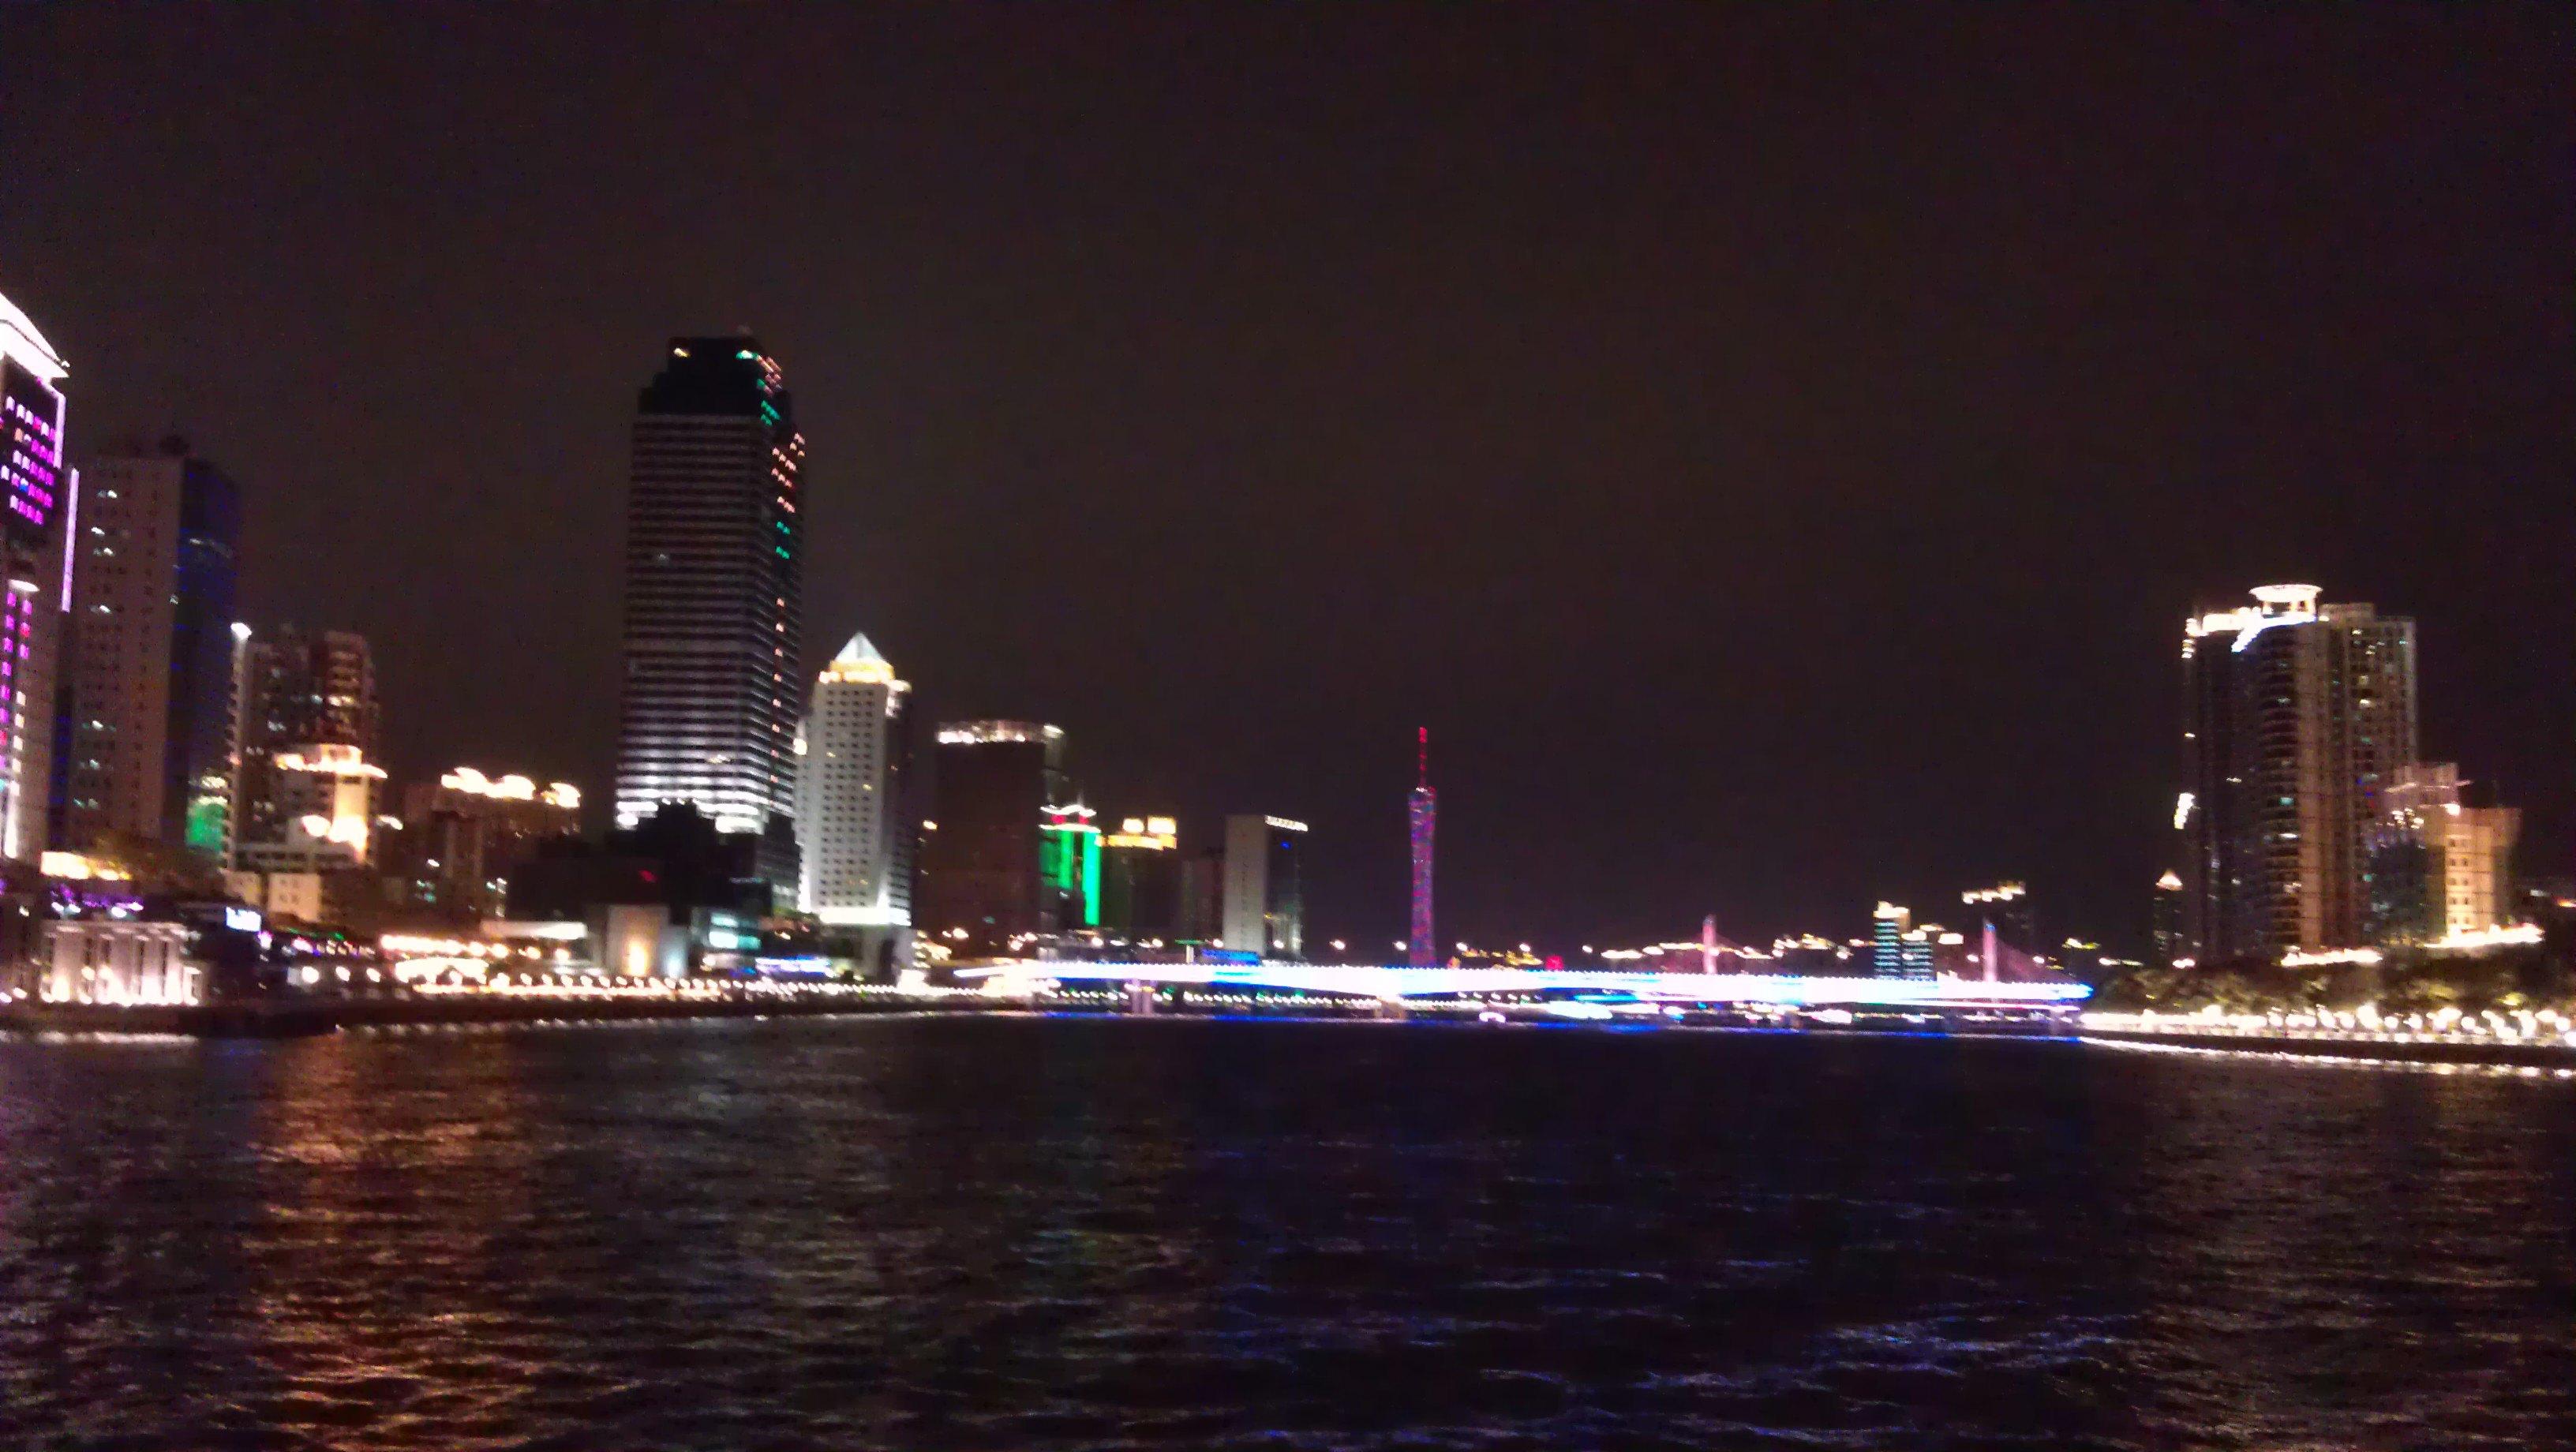 """广州新电视塔,昵称""""小蛮腰"""",位于广州市海珠区赤岗塔附近"""